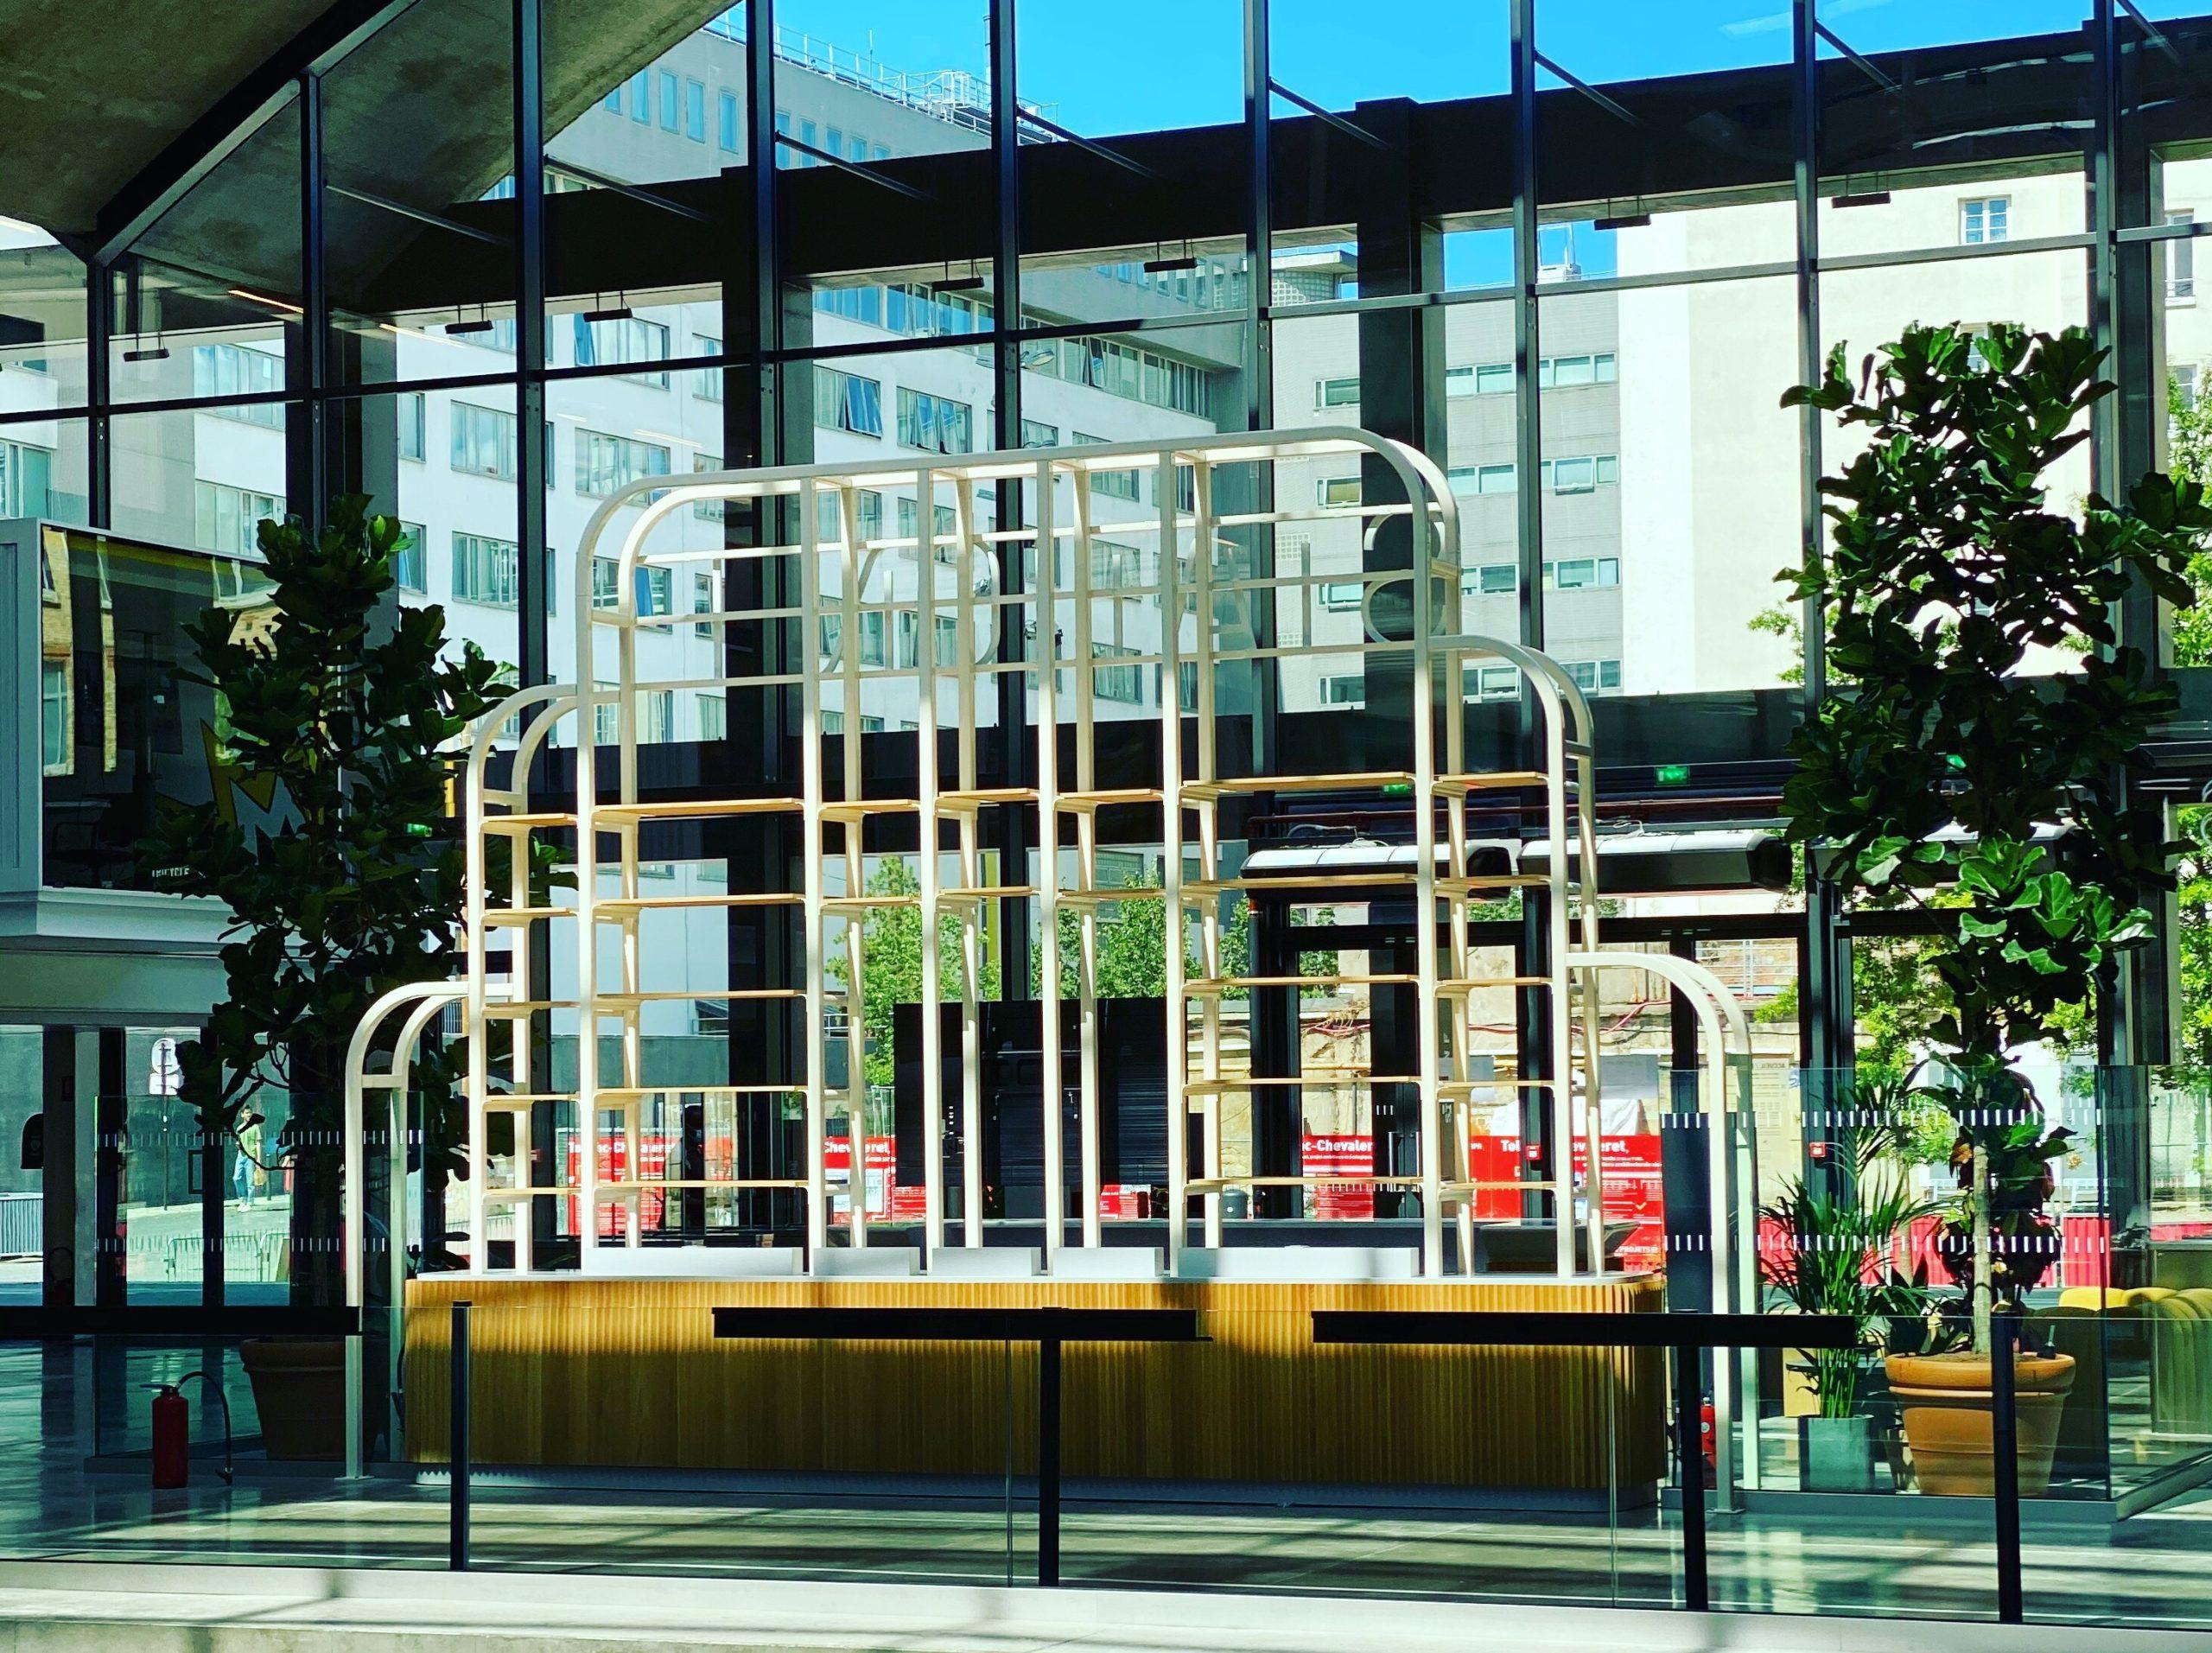 Conseil, aménagement, conception et réalisation du hall d'accueil de la Station F par CDB, Meet you there.